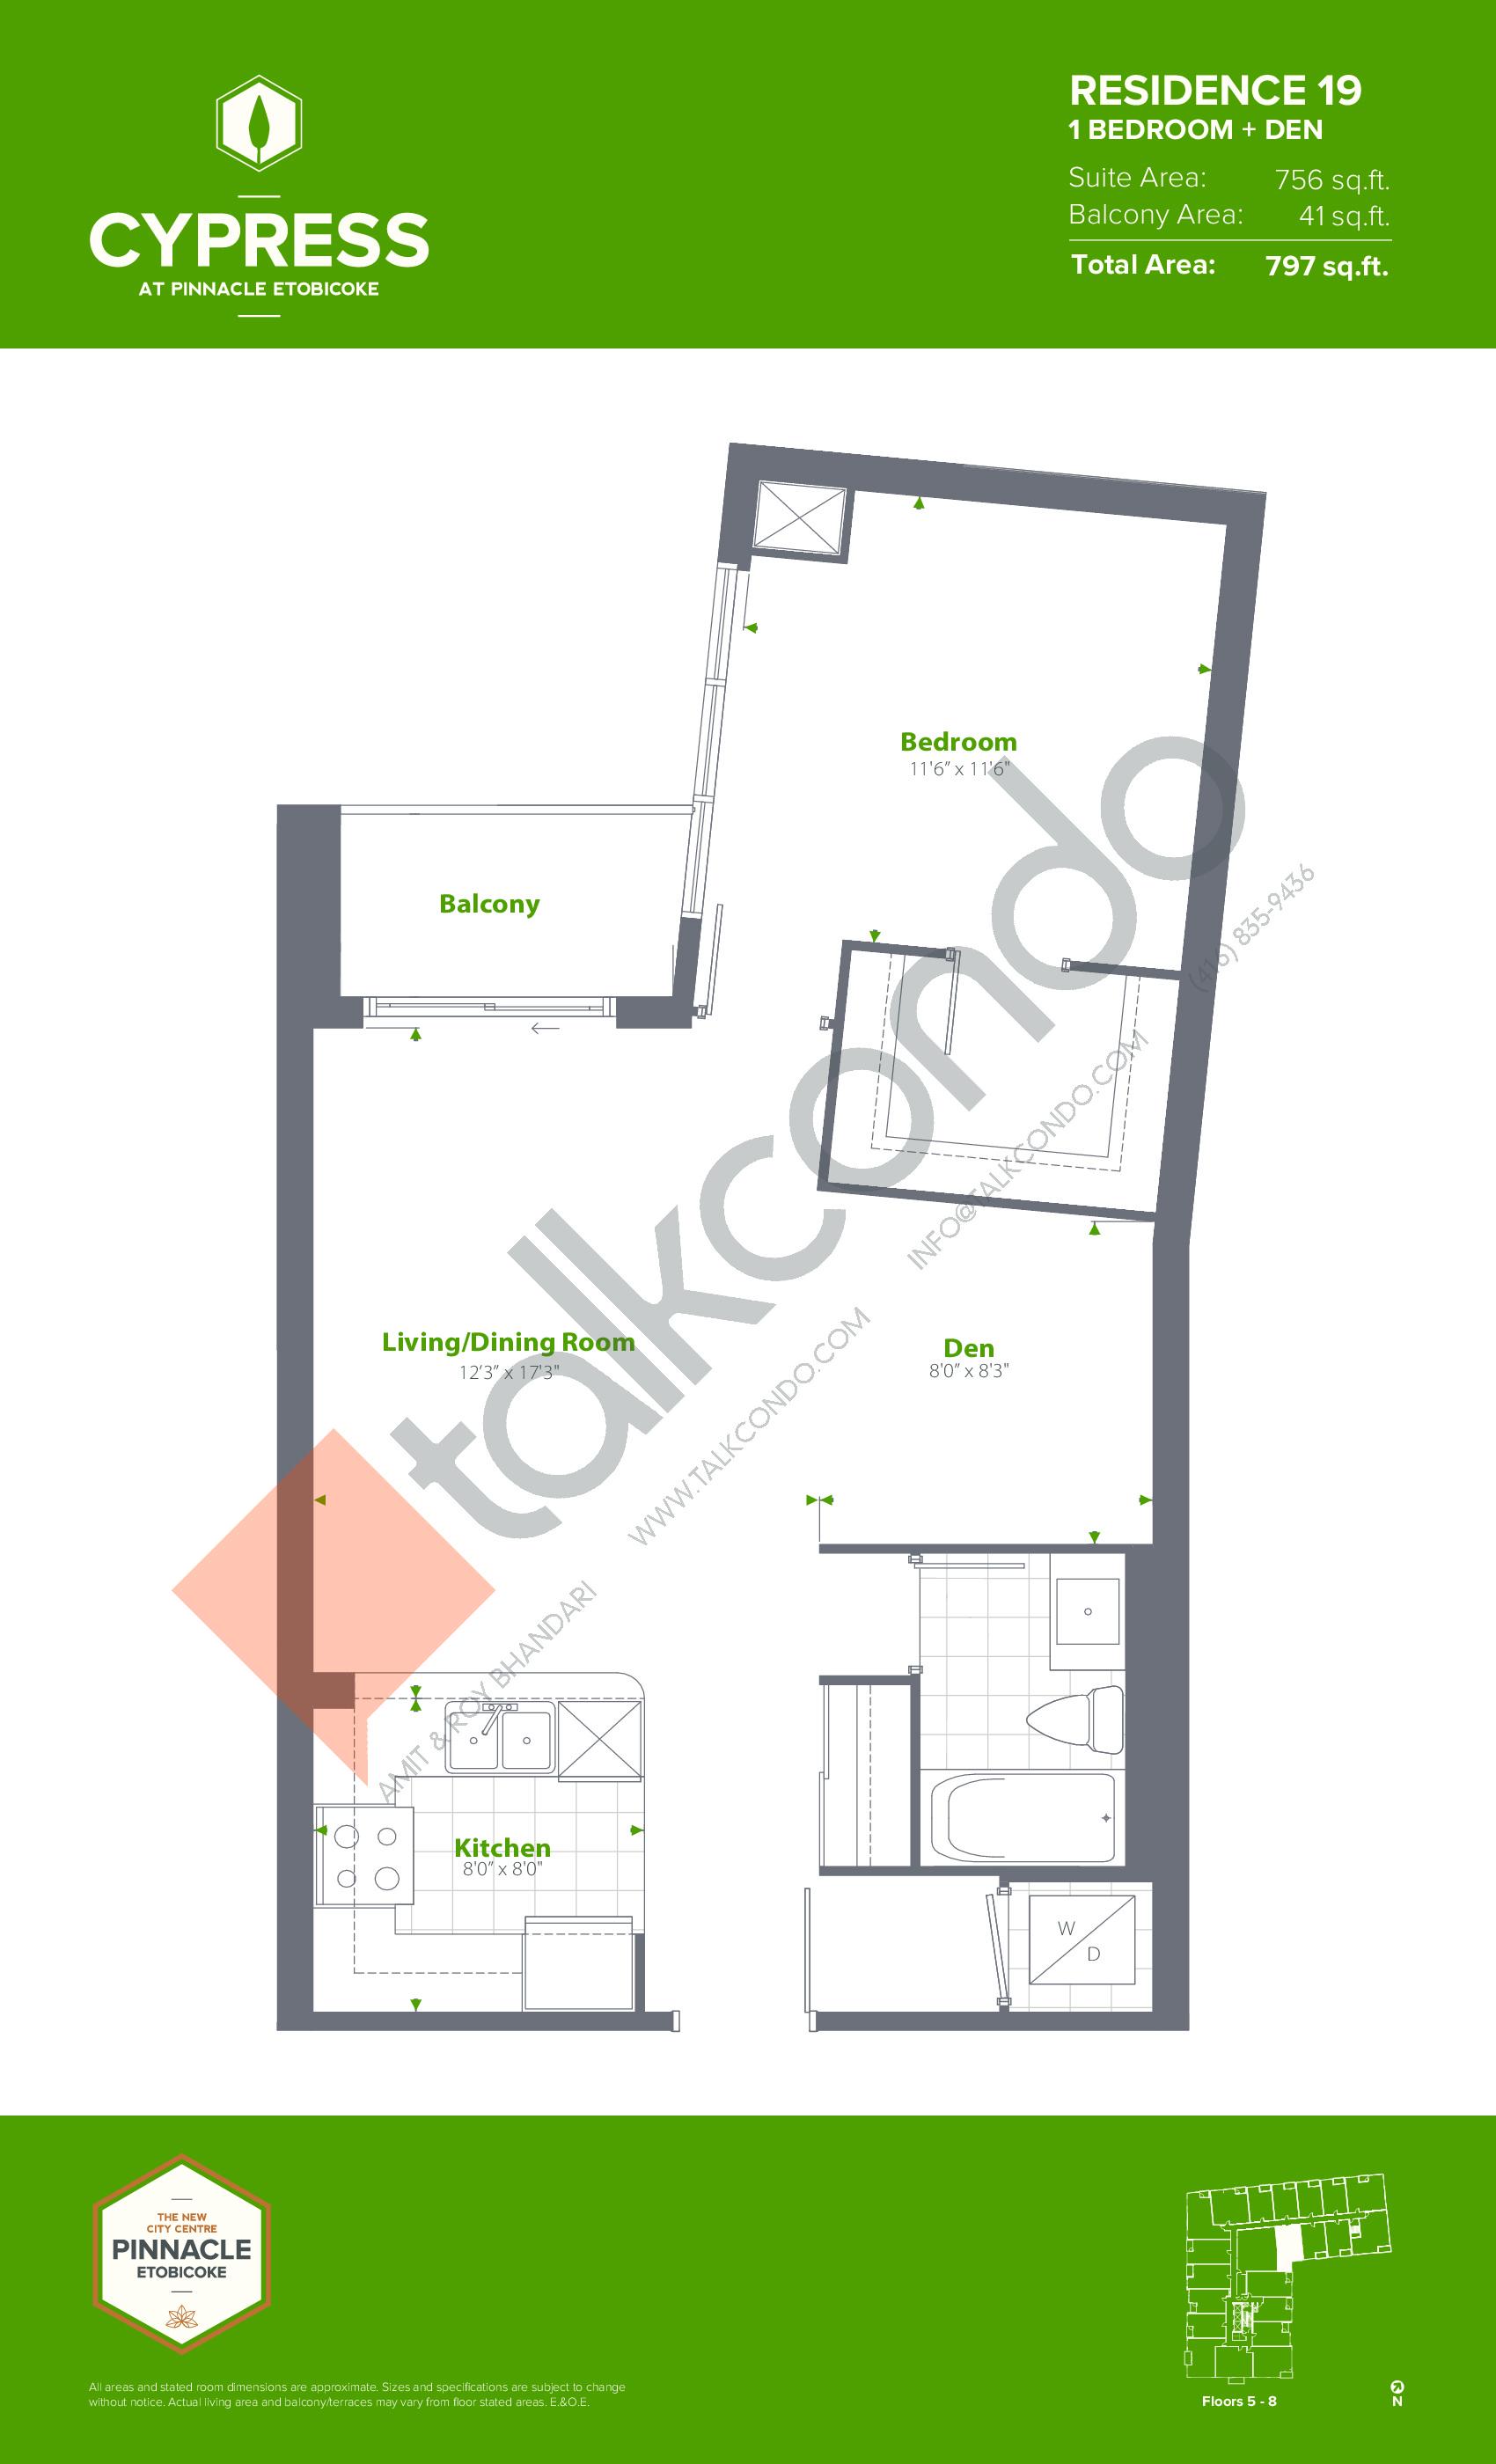 Residence 19 (Podium) Floor Plan at Cypress at Pinnacle Etobicoke - 756 sq.ft